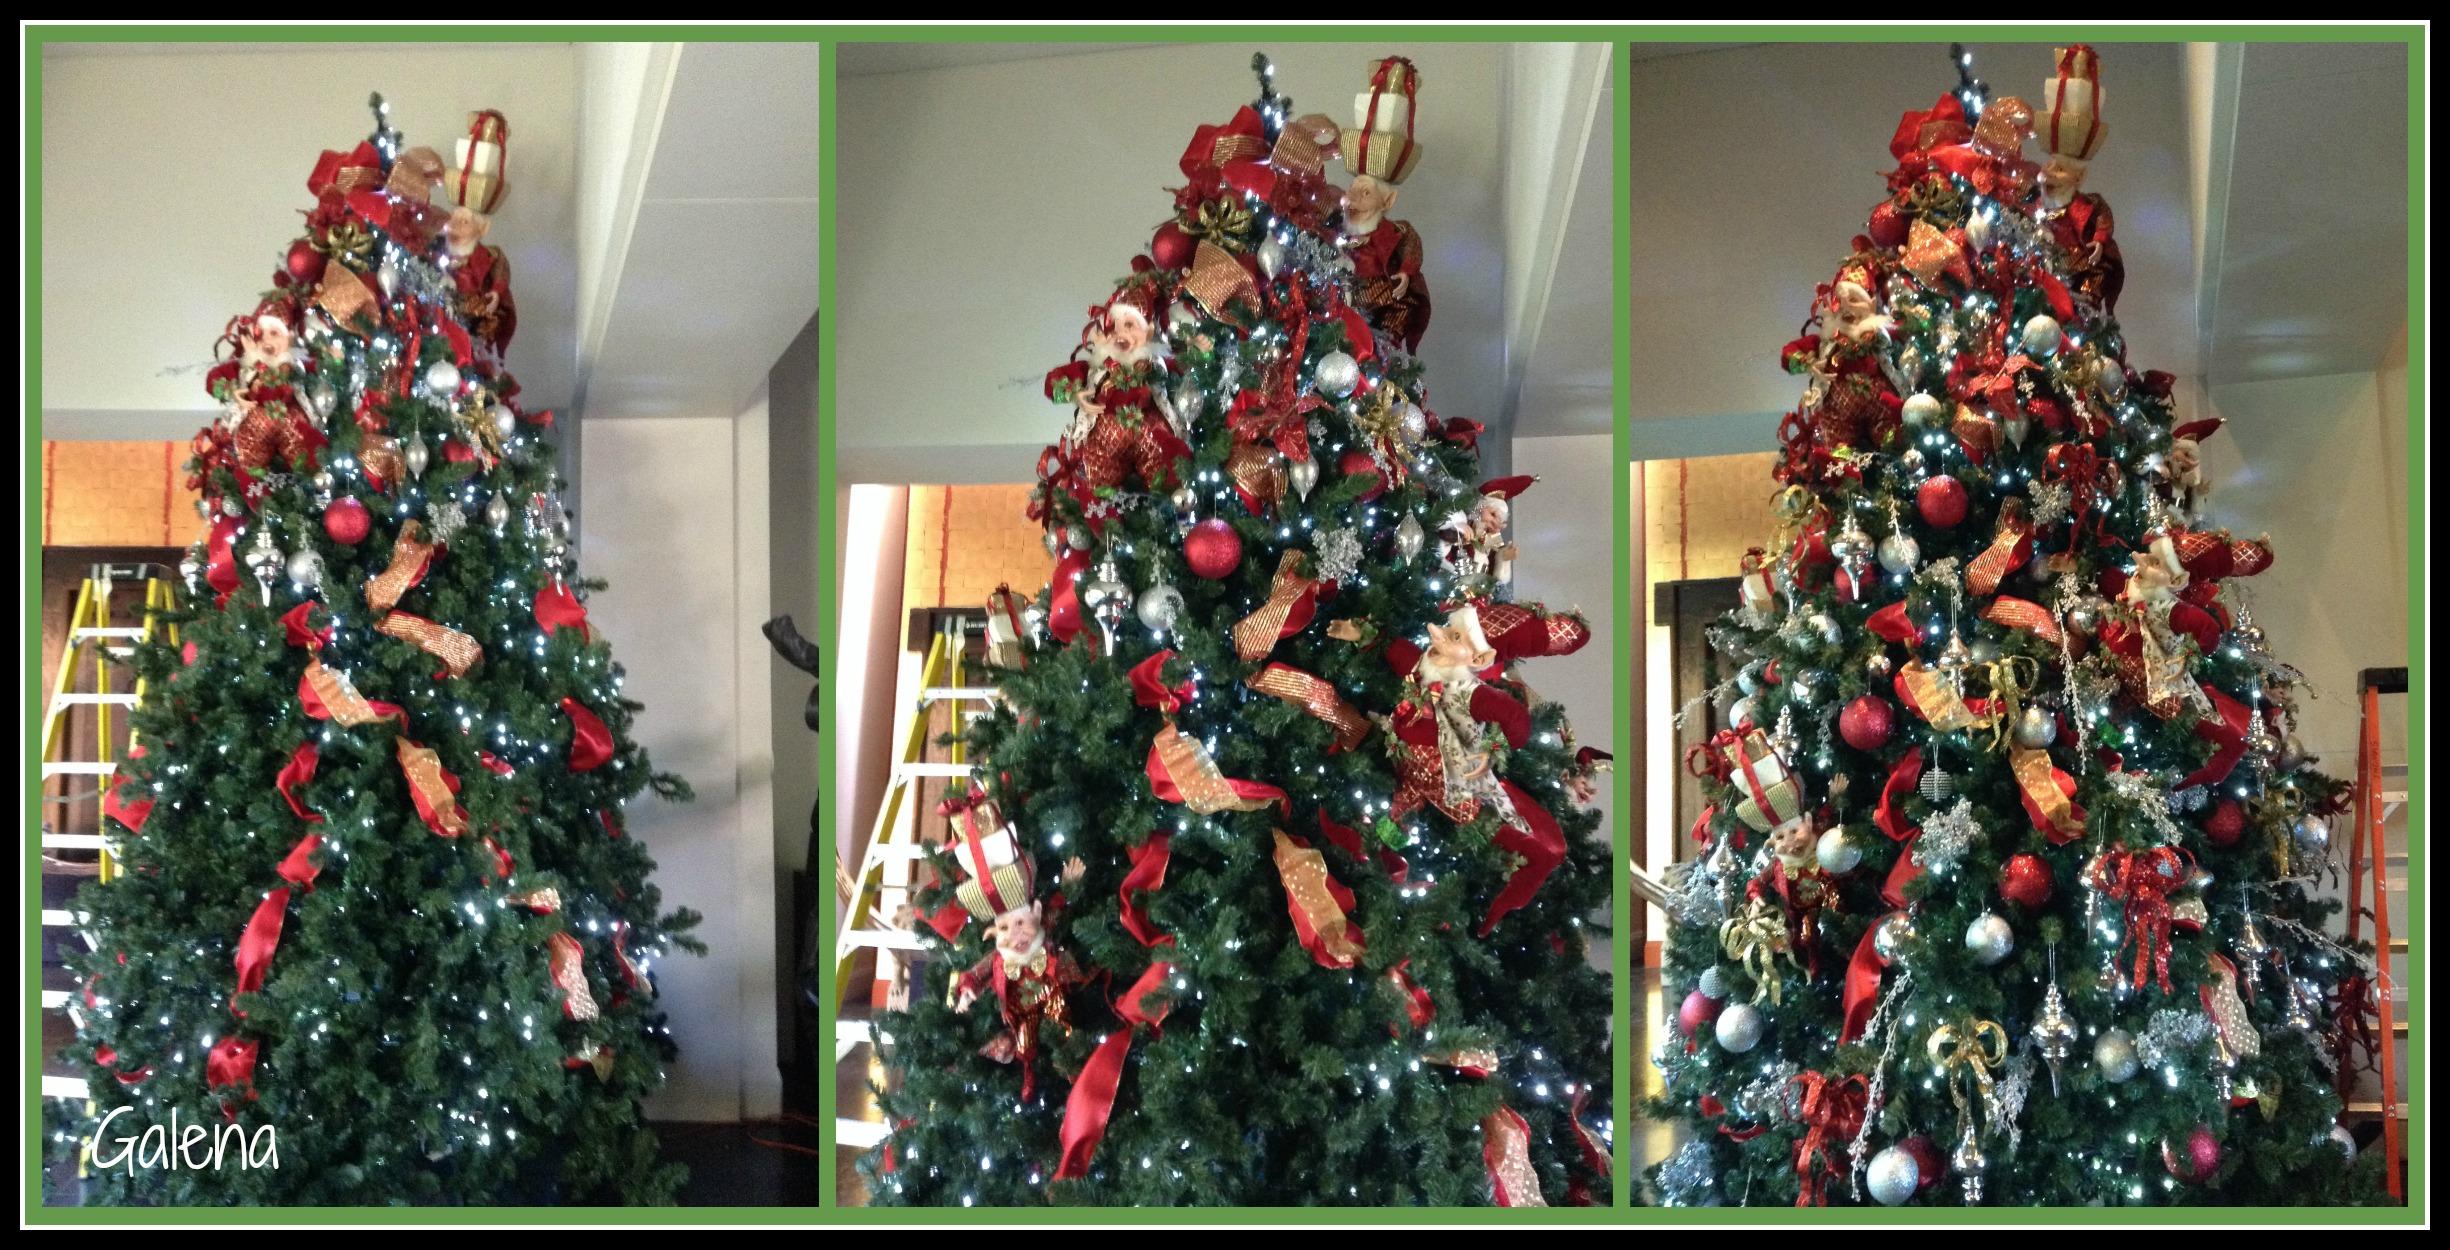 Decorando el rbol de navidad con elfos ana galena - Decoracion para arboles navidenos ...